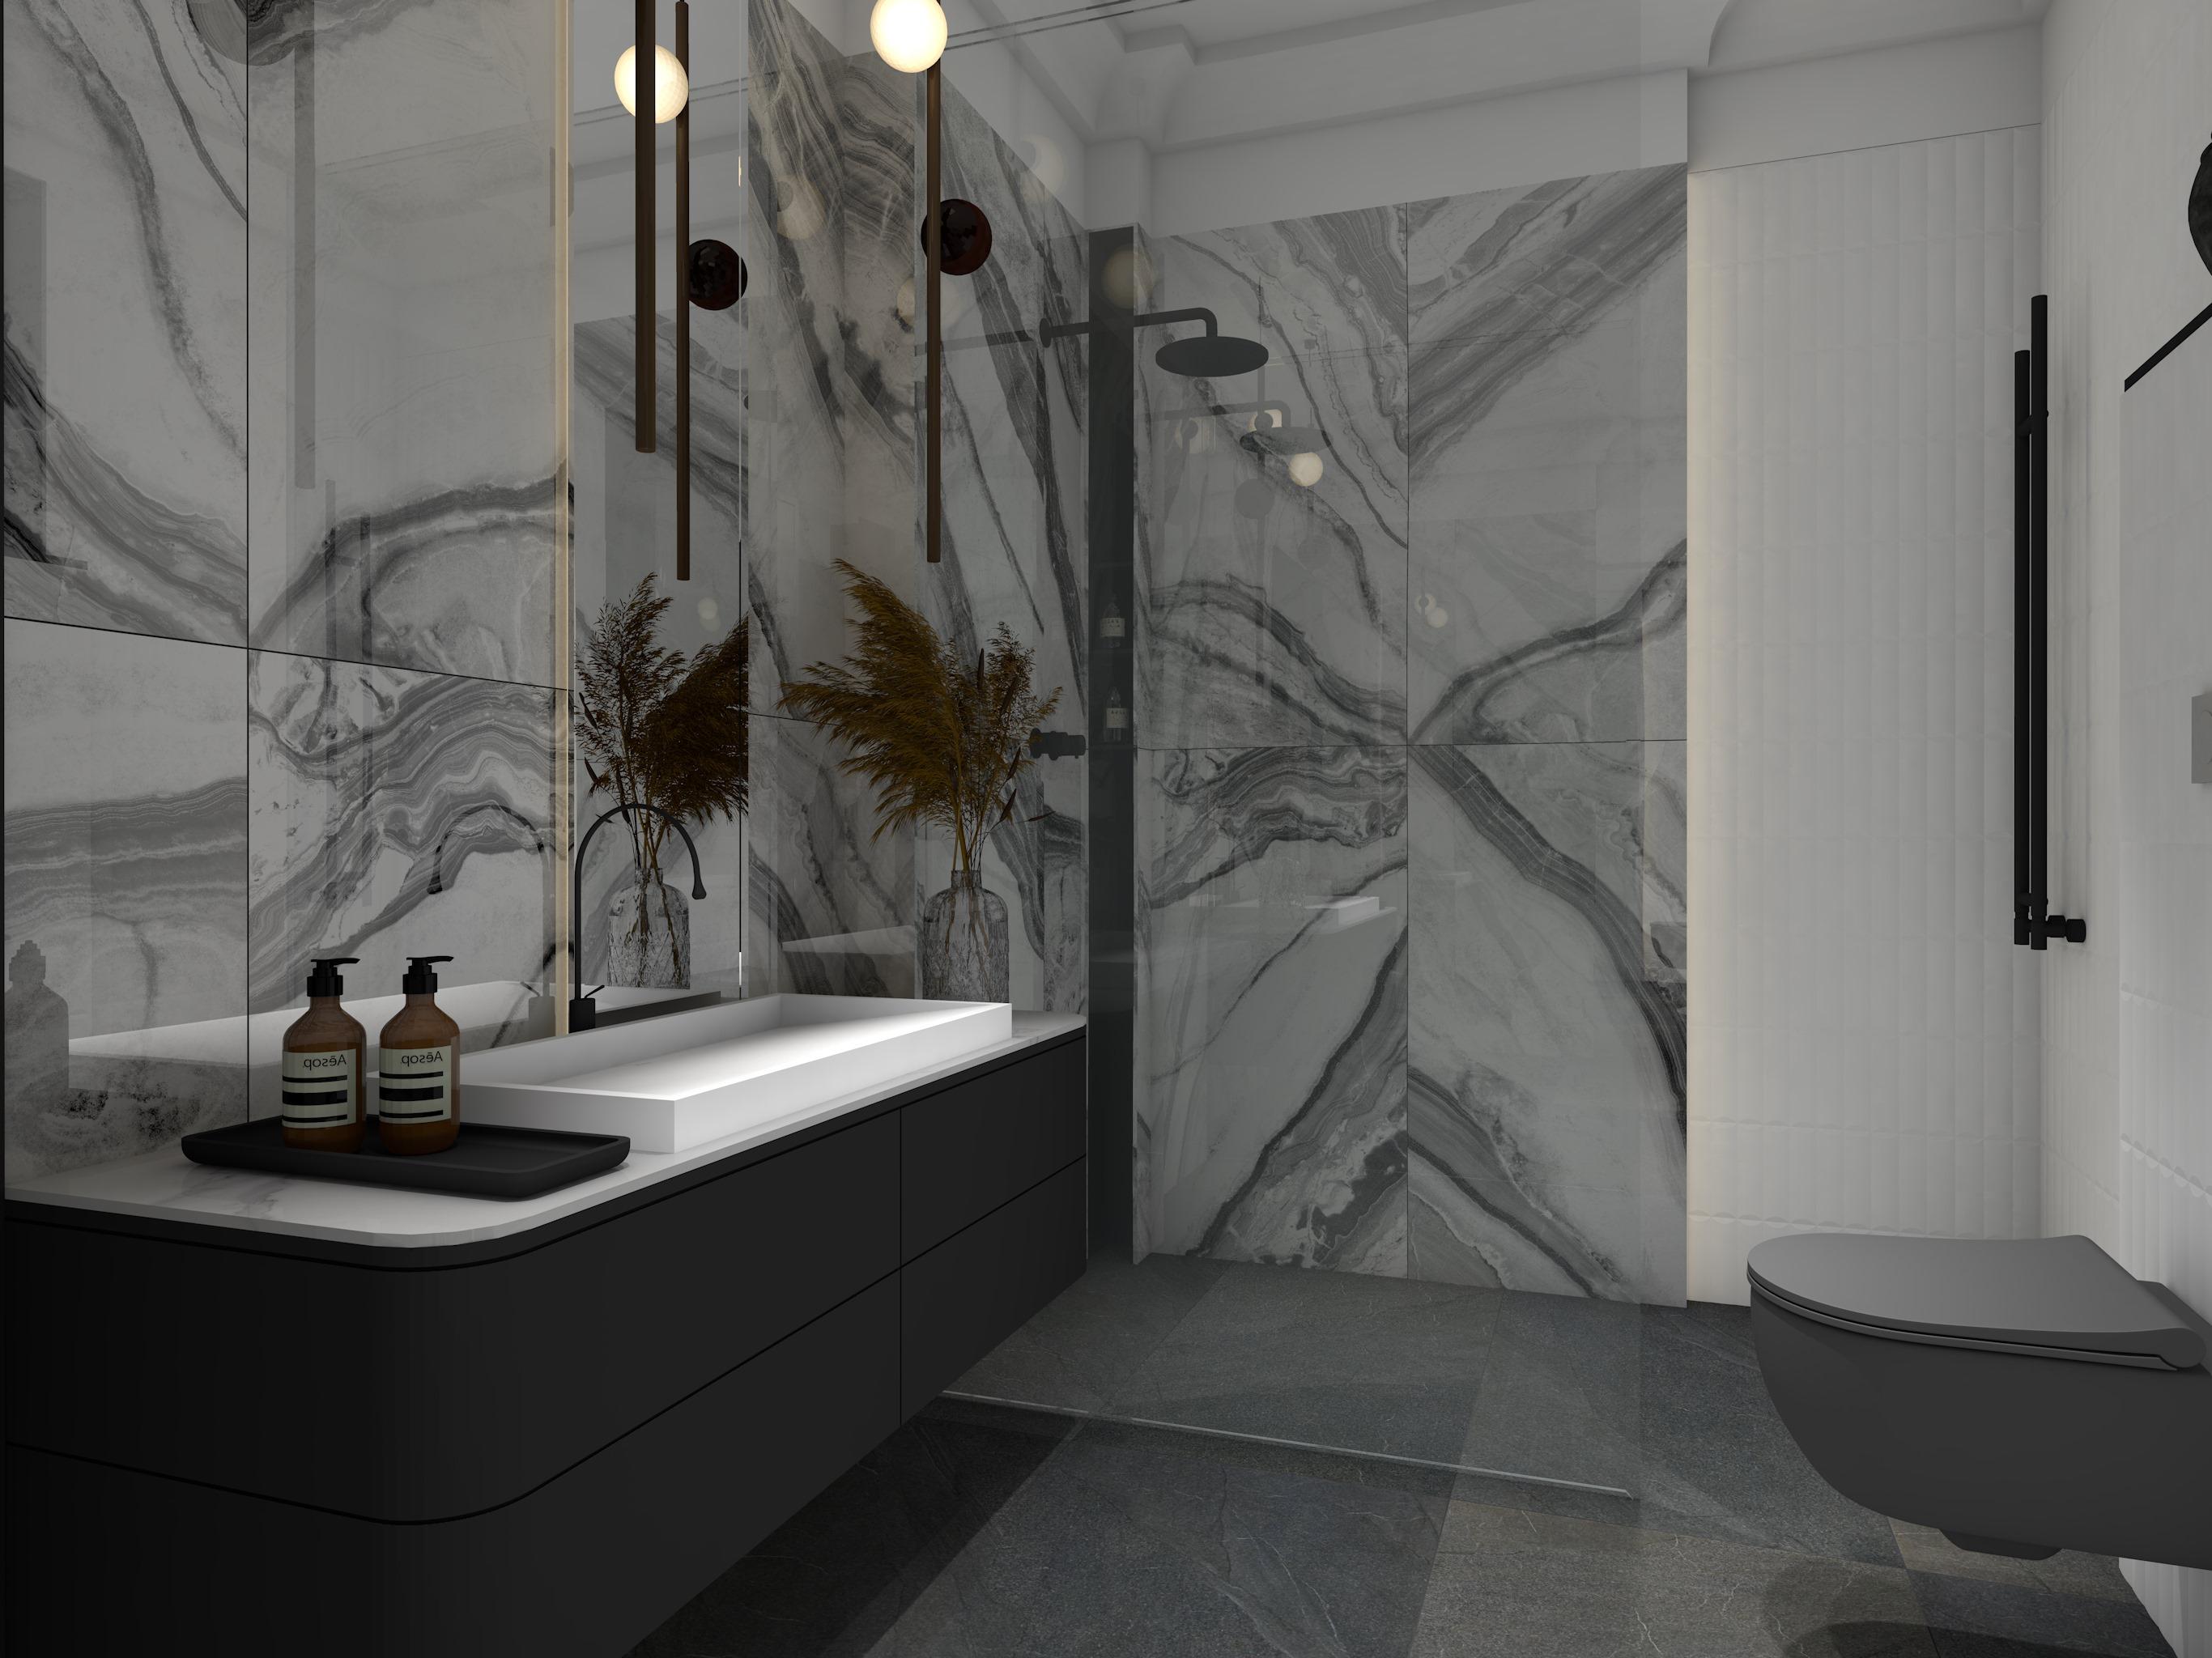 Projekt przestronnej łazienki z płytkami imitującymi marmur Panda White